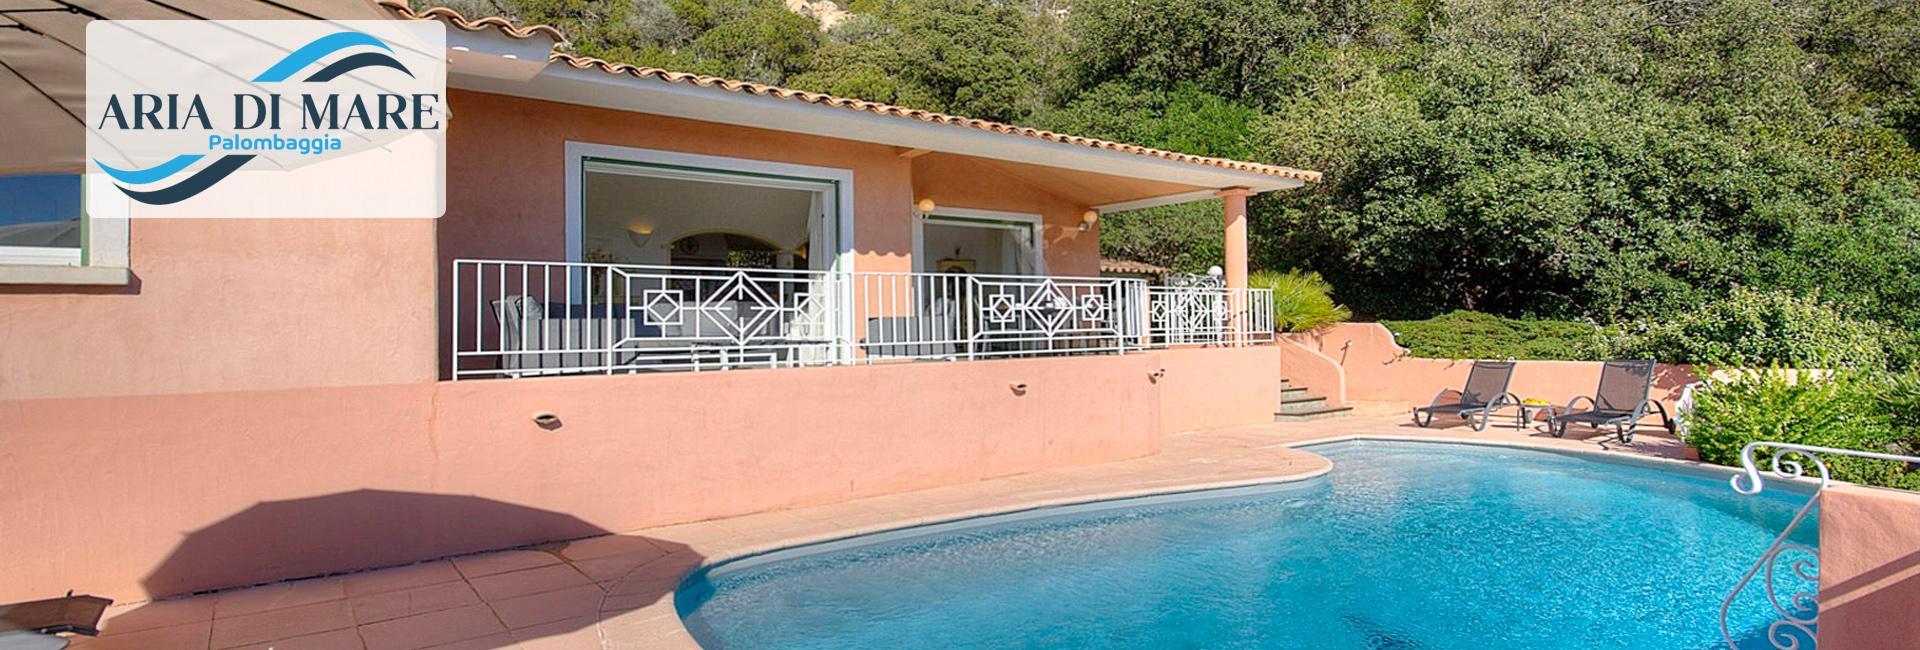 Maison de vacances Palombaggia